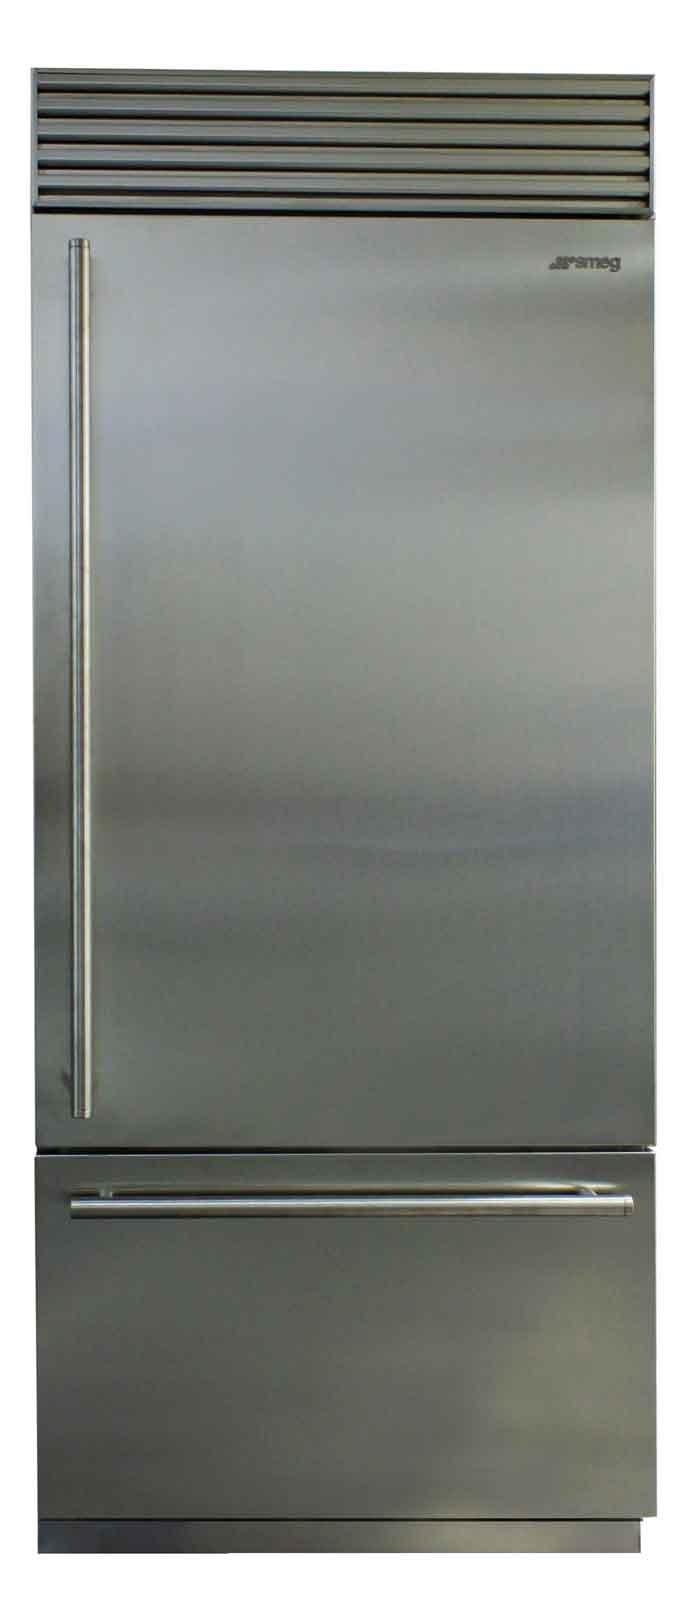 Elettrodomestici in acciaio inox: design; massima igiene e facilità ...